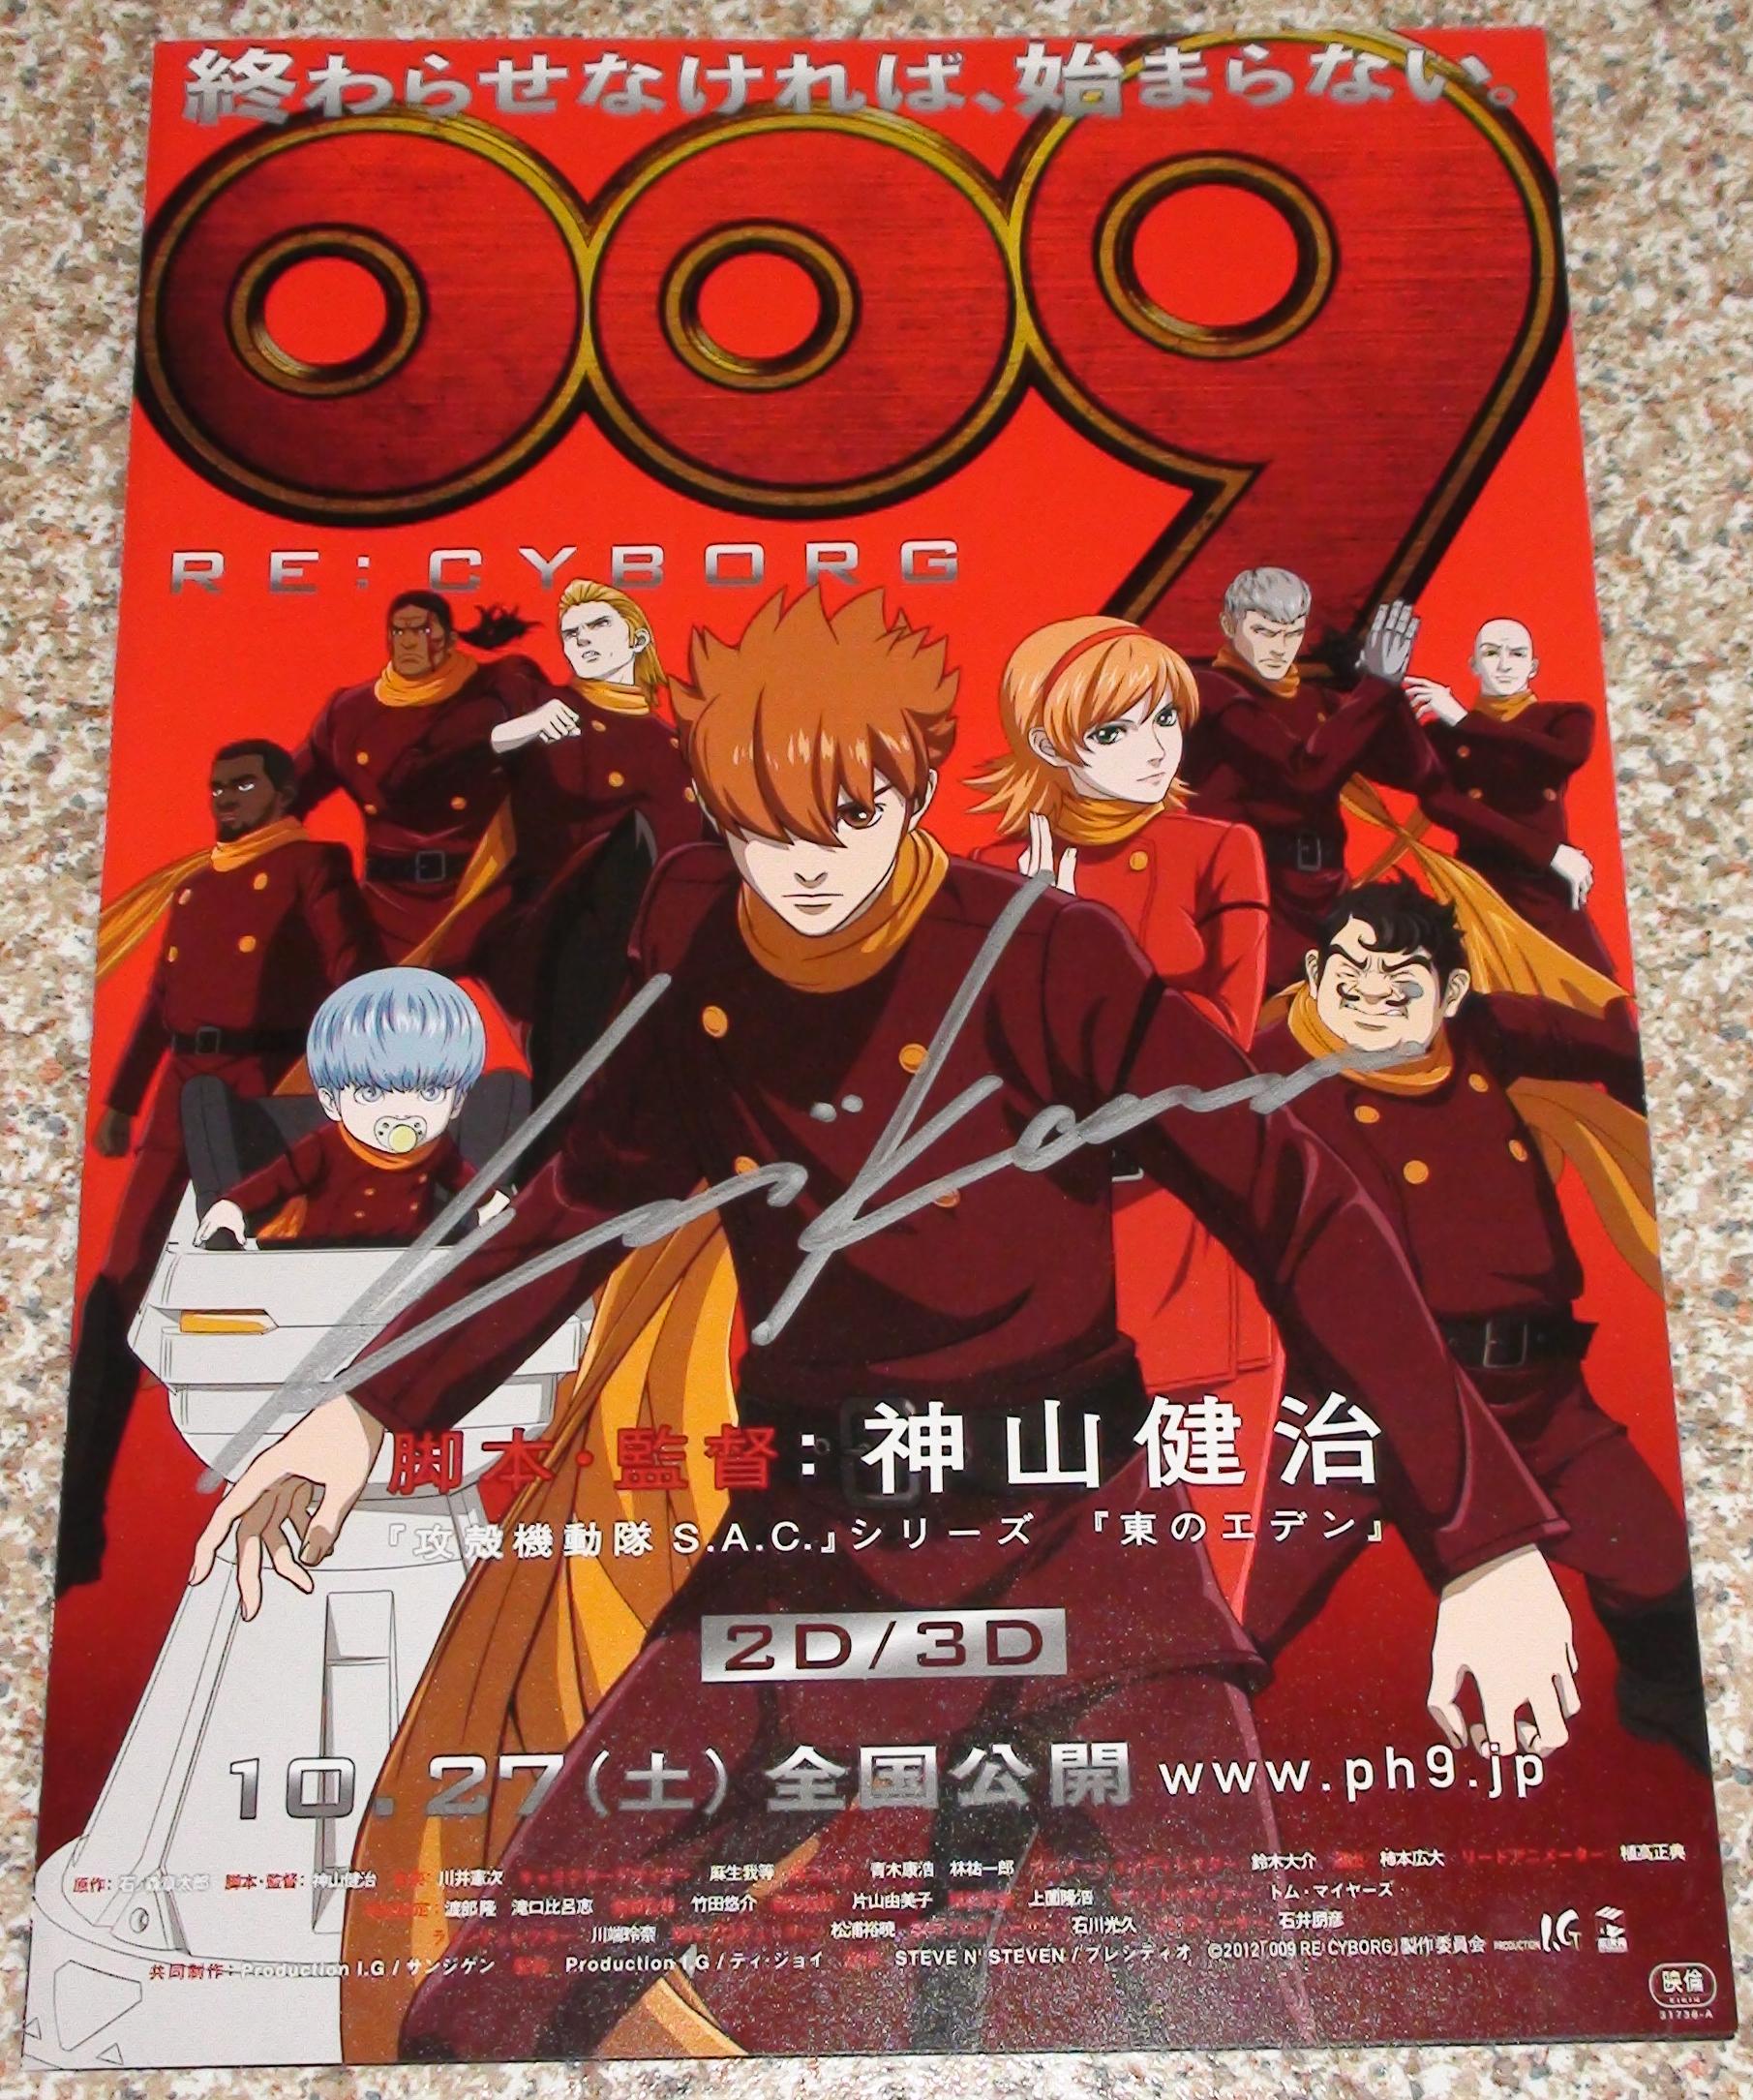 009 Re: Cyborg - Kenji Kawai